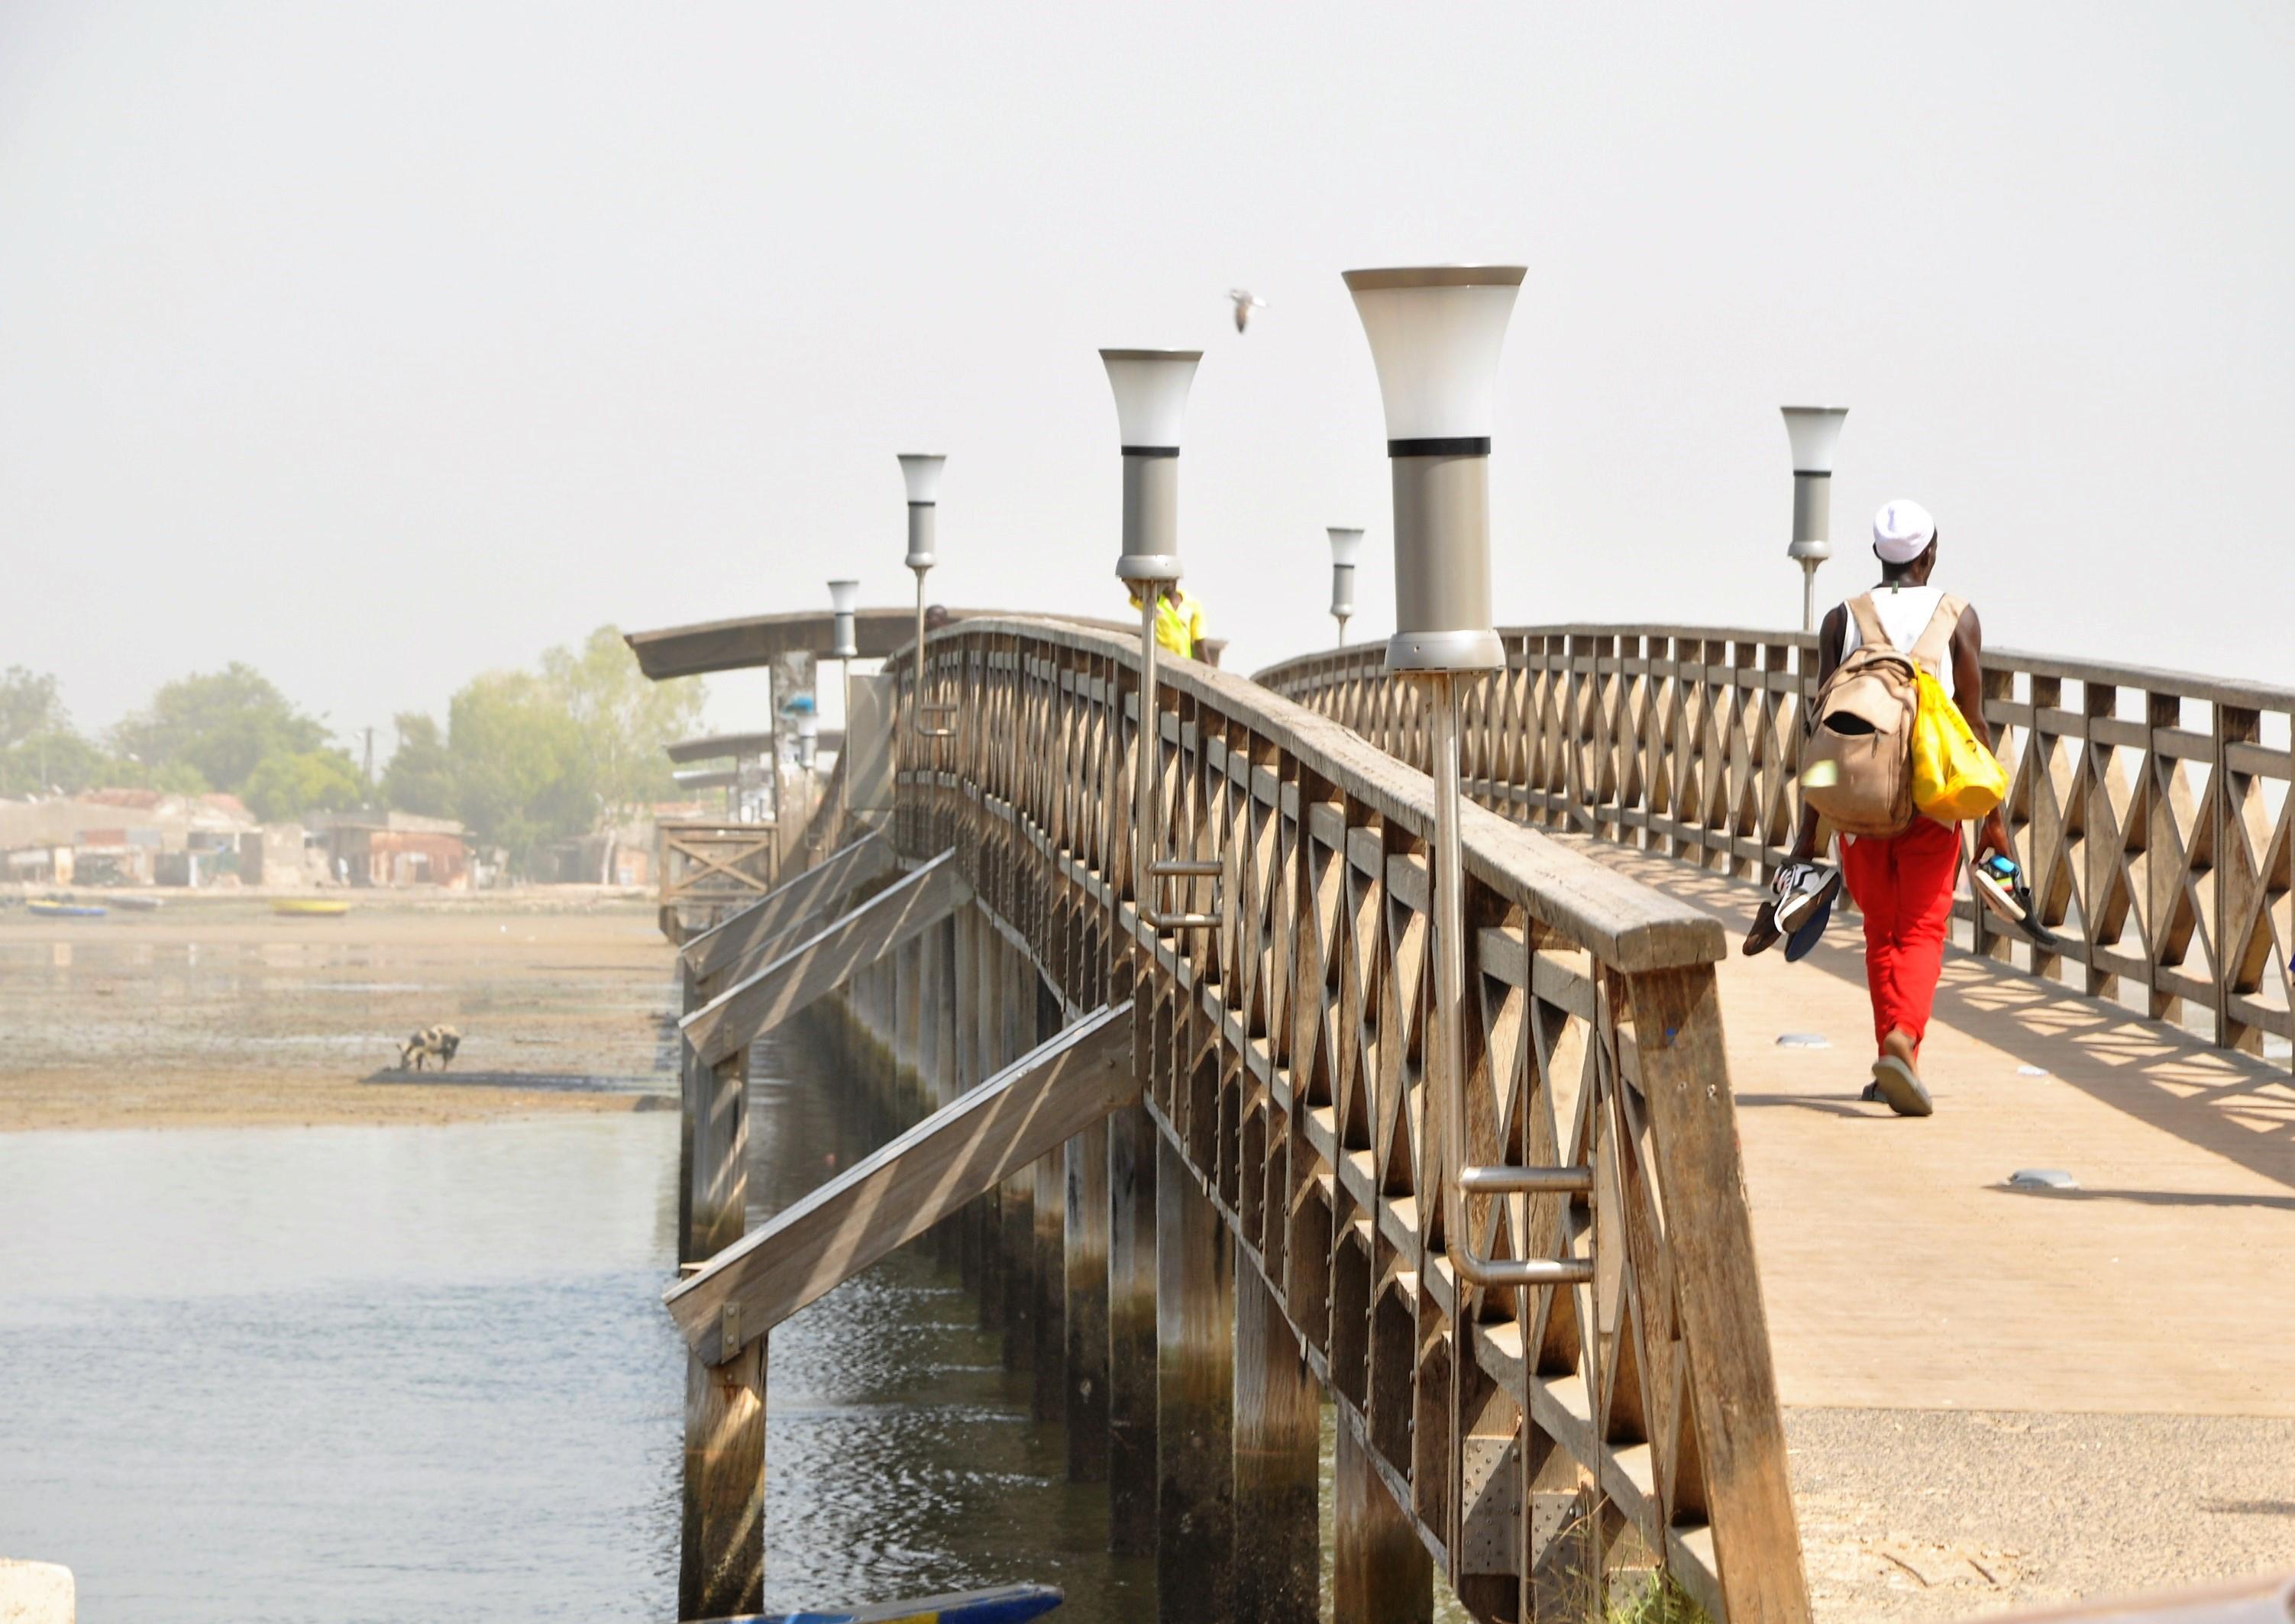 Joal-Fadiouth / Rififi à l'APR : Démis, le mandataire des élections persiste dans sa fonction